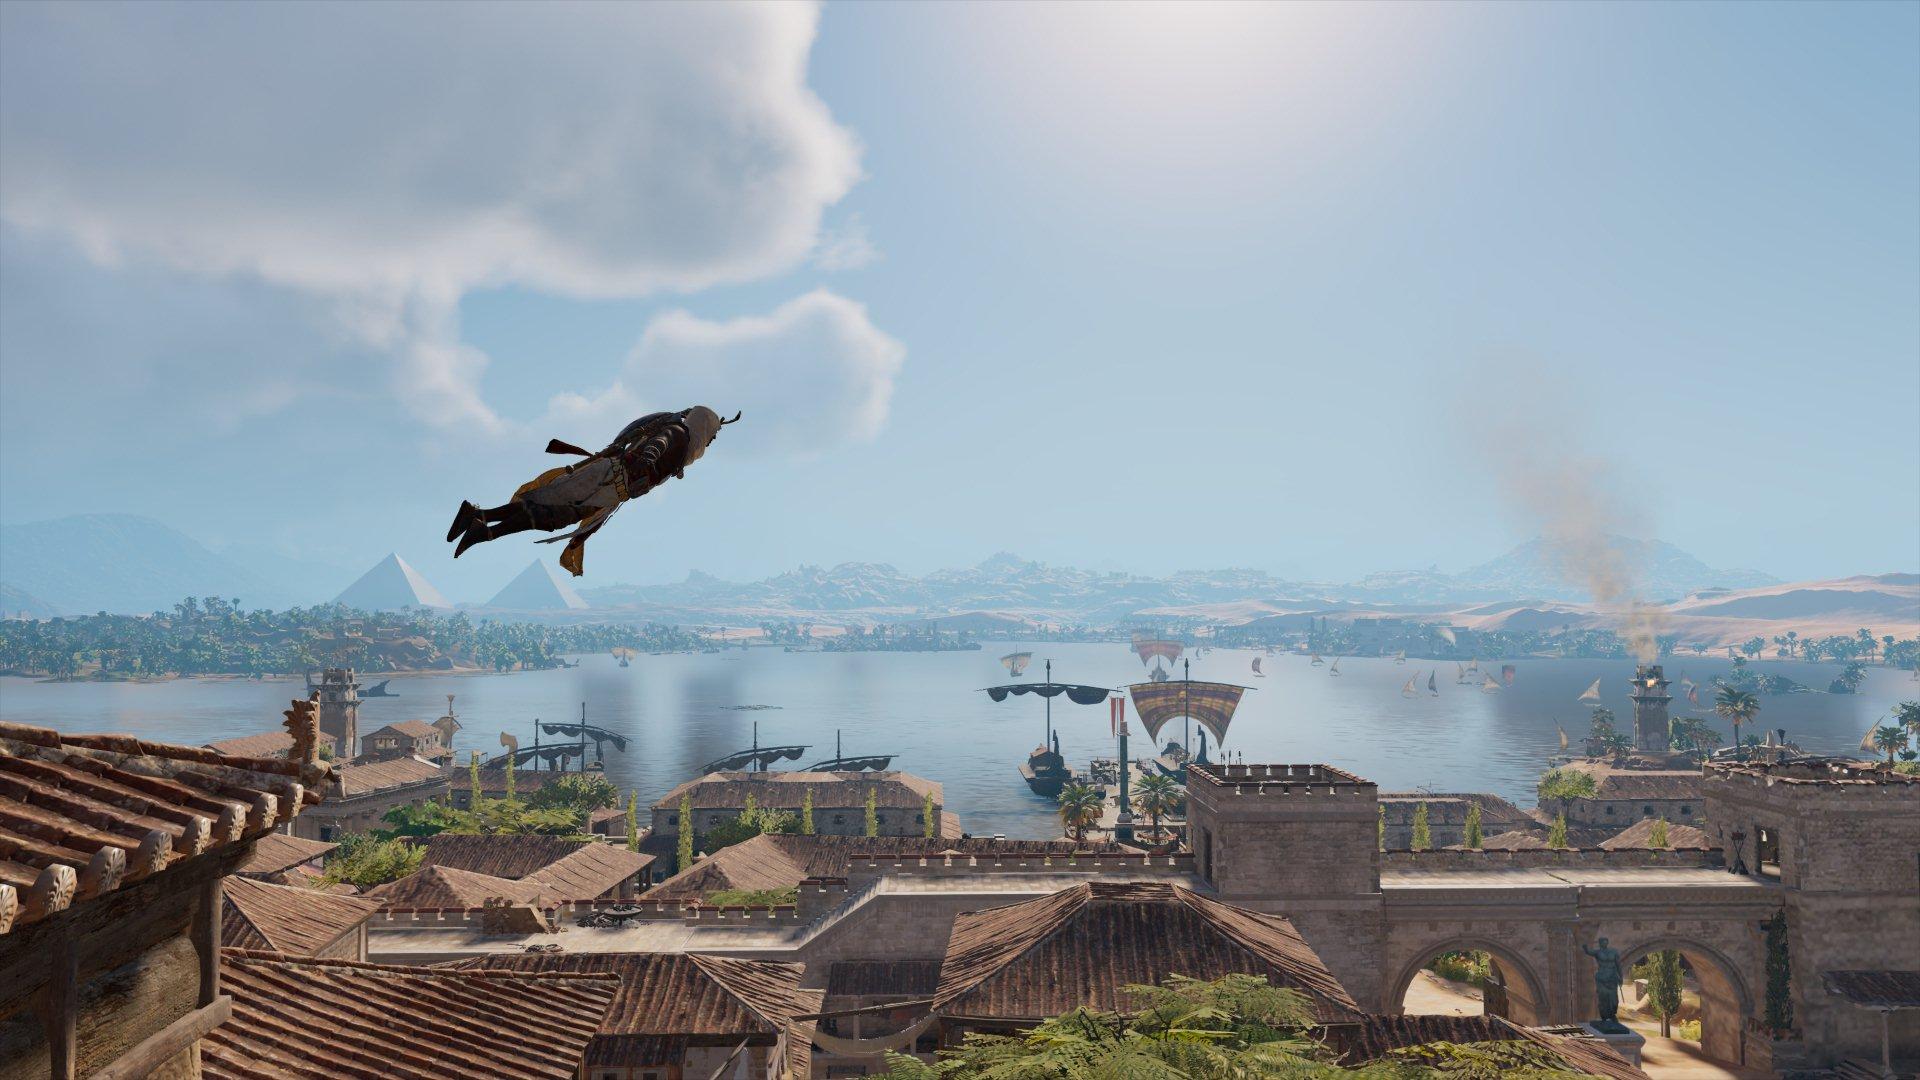 1512129864_2017121183210.jpg - Assassin's Creed: Origins